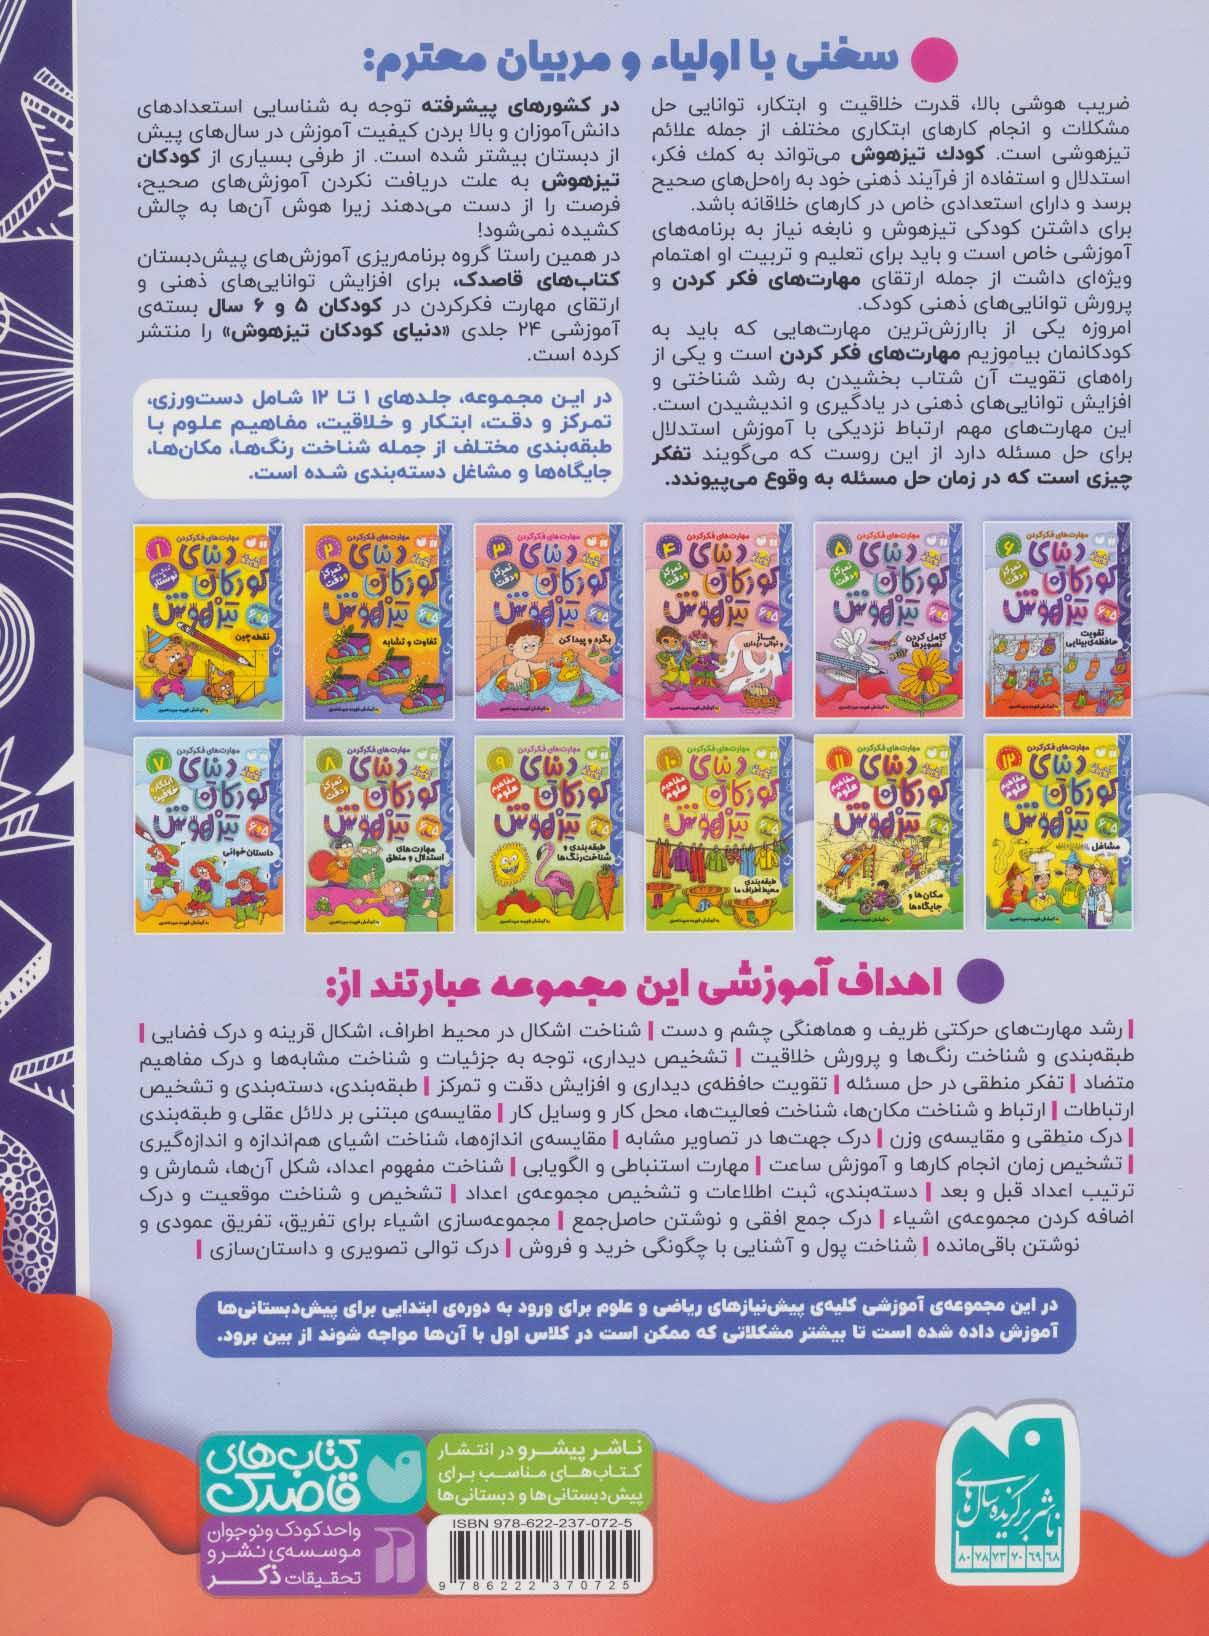 کتاب کار دنیای کودکان تیزهوش 6 (مهارت های فکر کردن:تقویت حافظه ی بینایی)